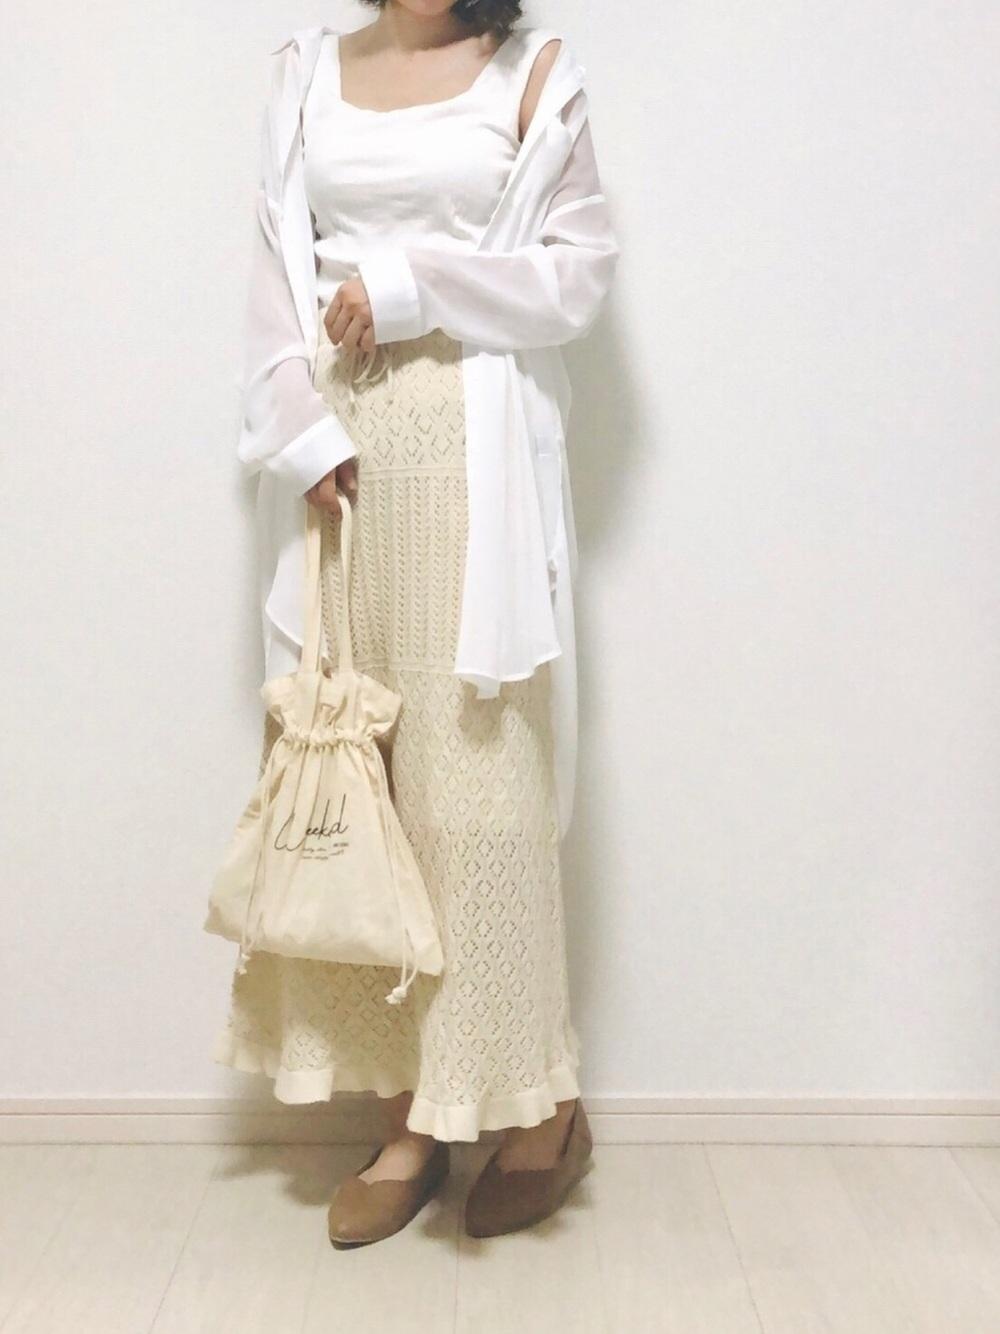 透かし編みニットスカートにシアーシャツとパンプスのコーデ